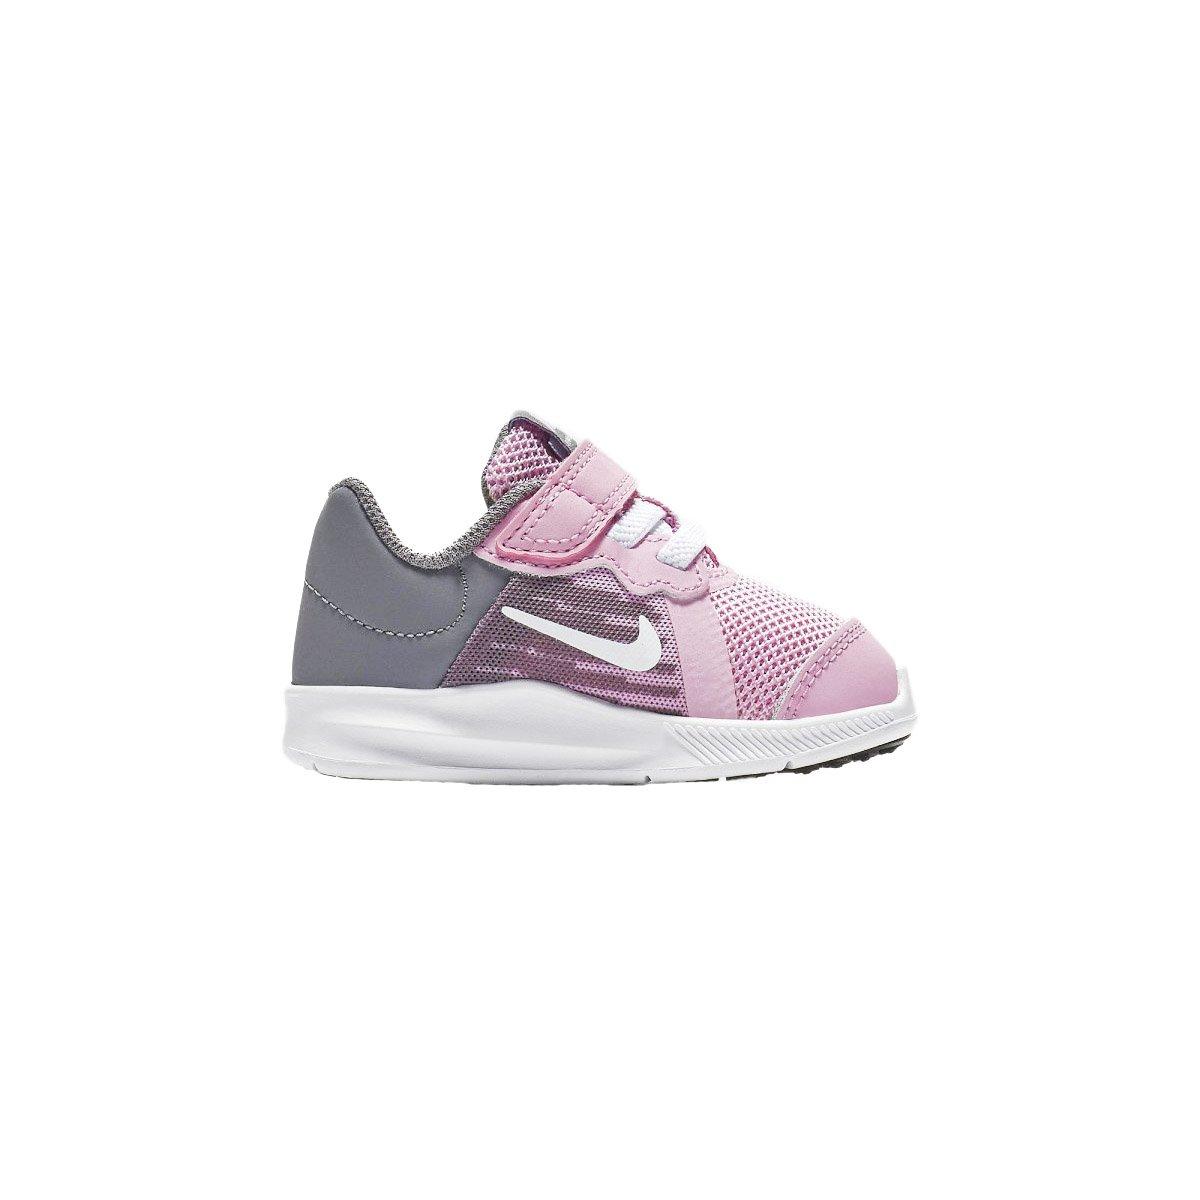 Tênis Nike Feminino Infantil Downshifter 8 922859-602 d7ea3625d4a